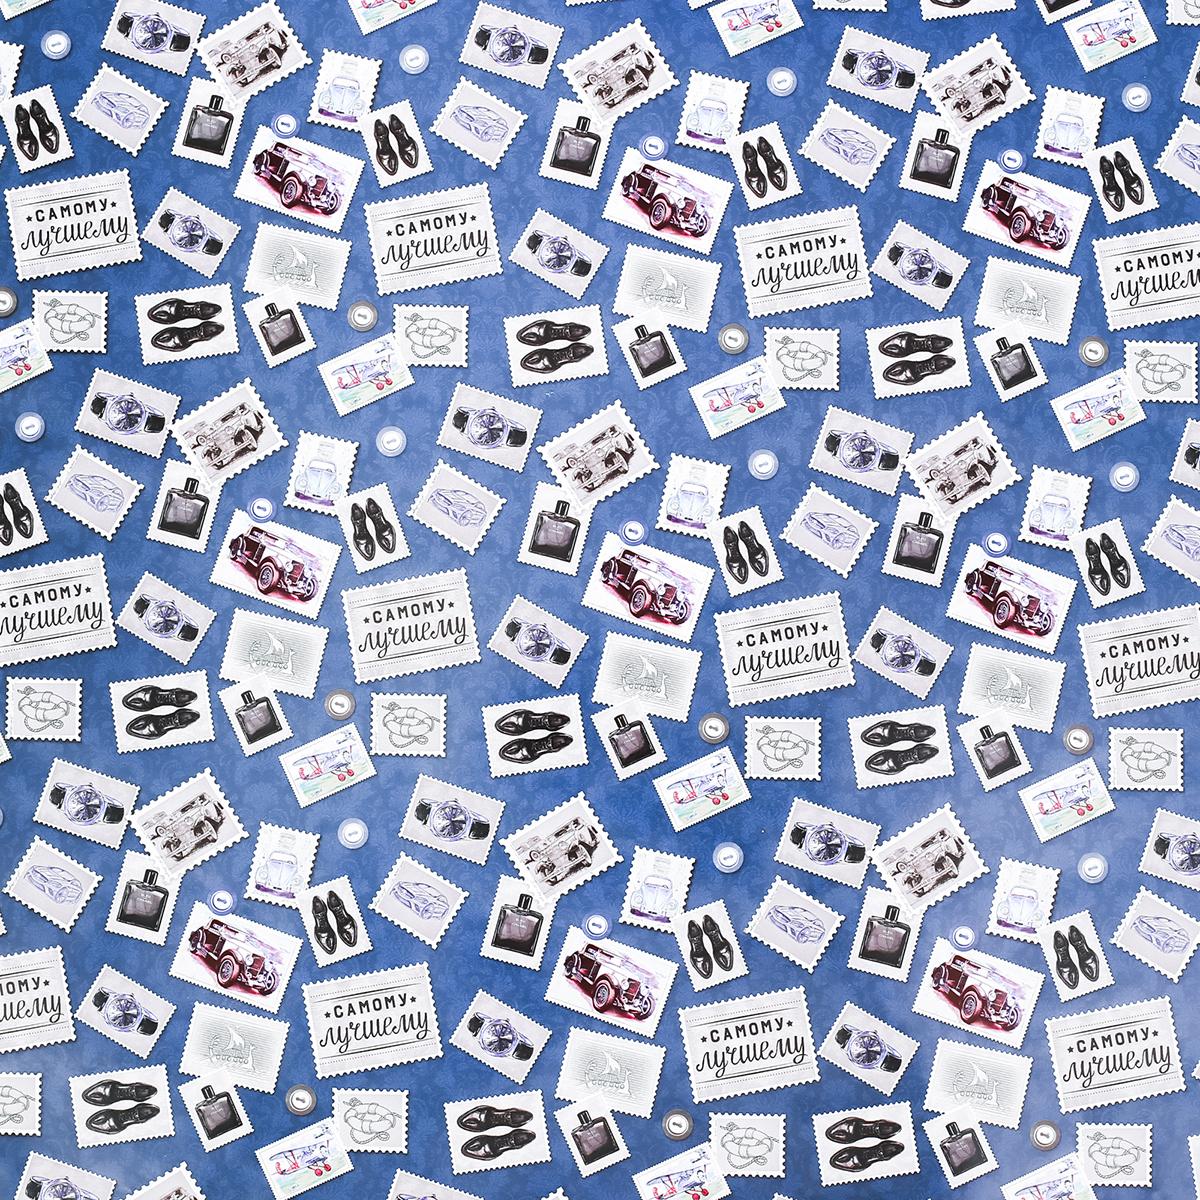 Бумага упаковочная Дарите счастье Марки, глянцевая, 70 х 100 см. 27916662791666Любой подарок начинается с упаковки. Что может быть трогательнее и волшебнее, чем ритуал разворачивания полученного презента. И именно оригинальная, со вкусом выбранная упаковка выделит ваш подарок из массы других. Она продемонстрирует самые тёплые чувства к виновнику торжества и создаст сказочную атмосферу праздника — это то, что вы искали.